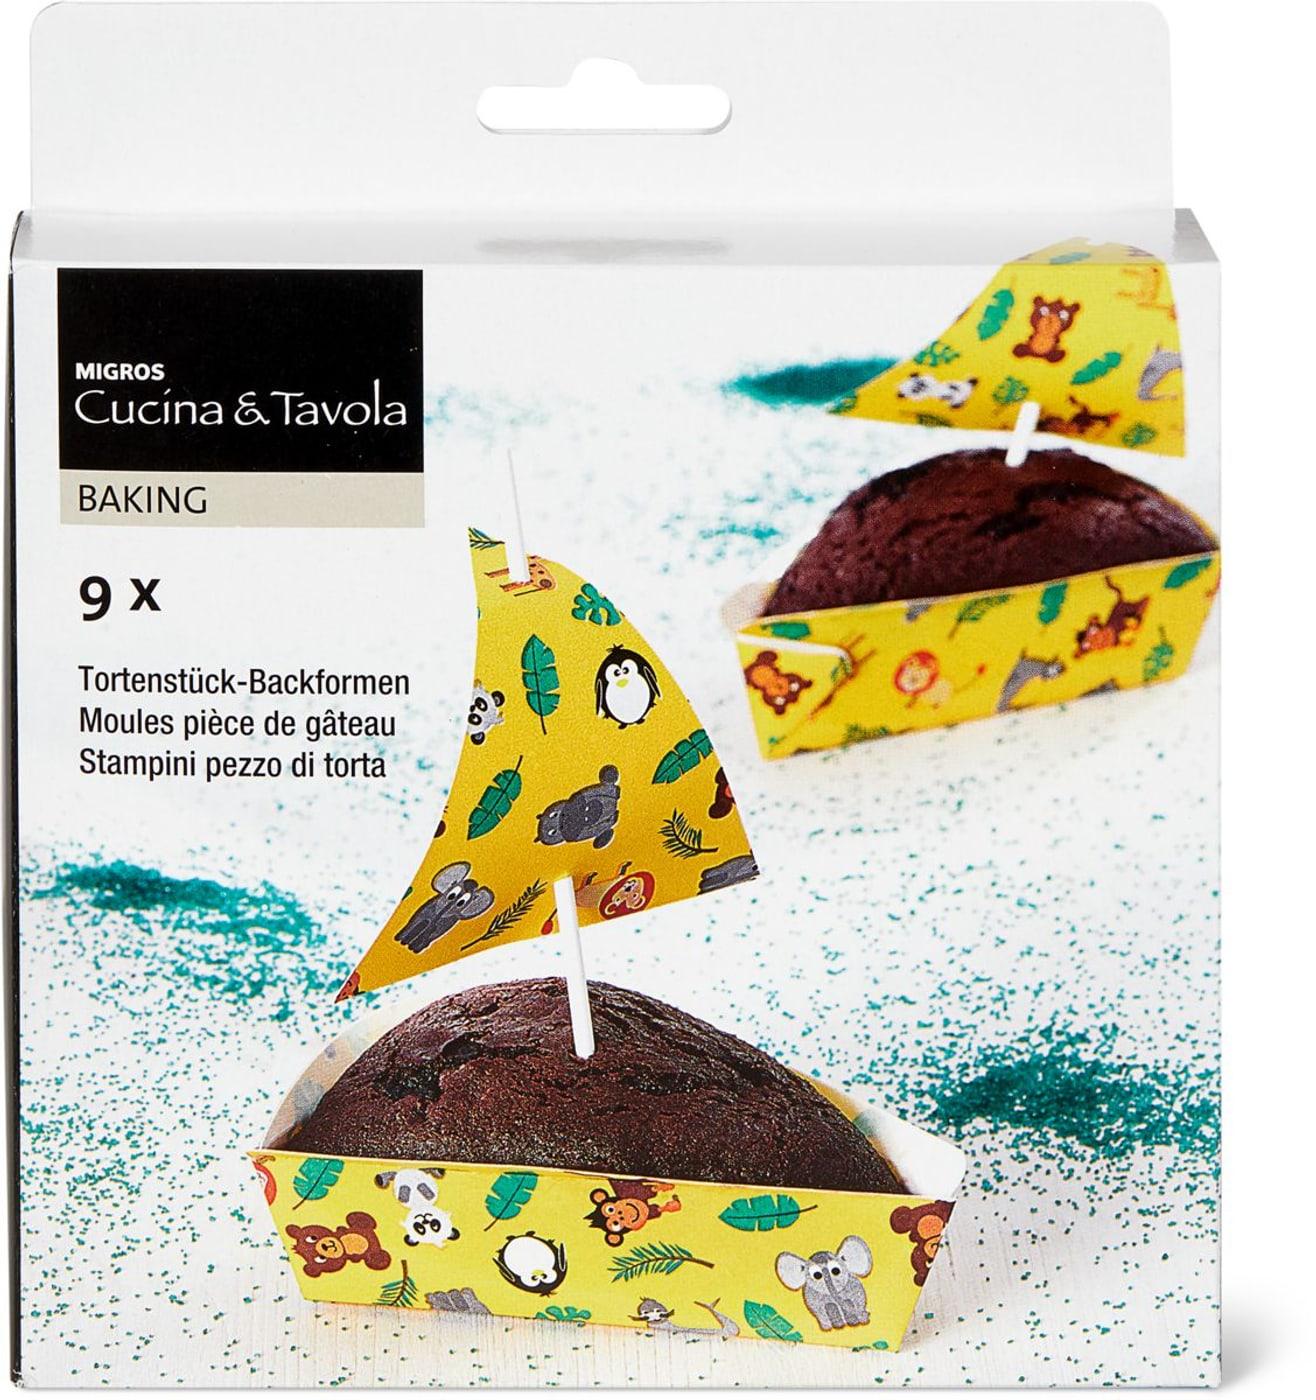 Cucina Tavola Tortenstuck Backformen 9 Stuck Migros